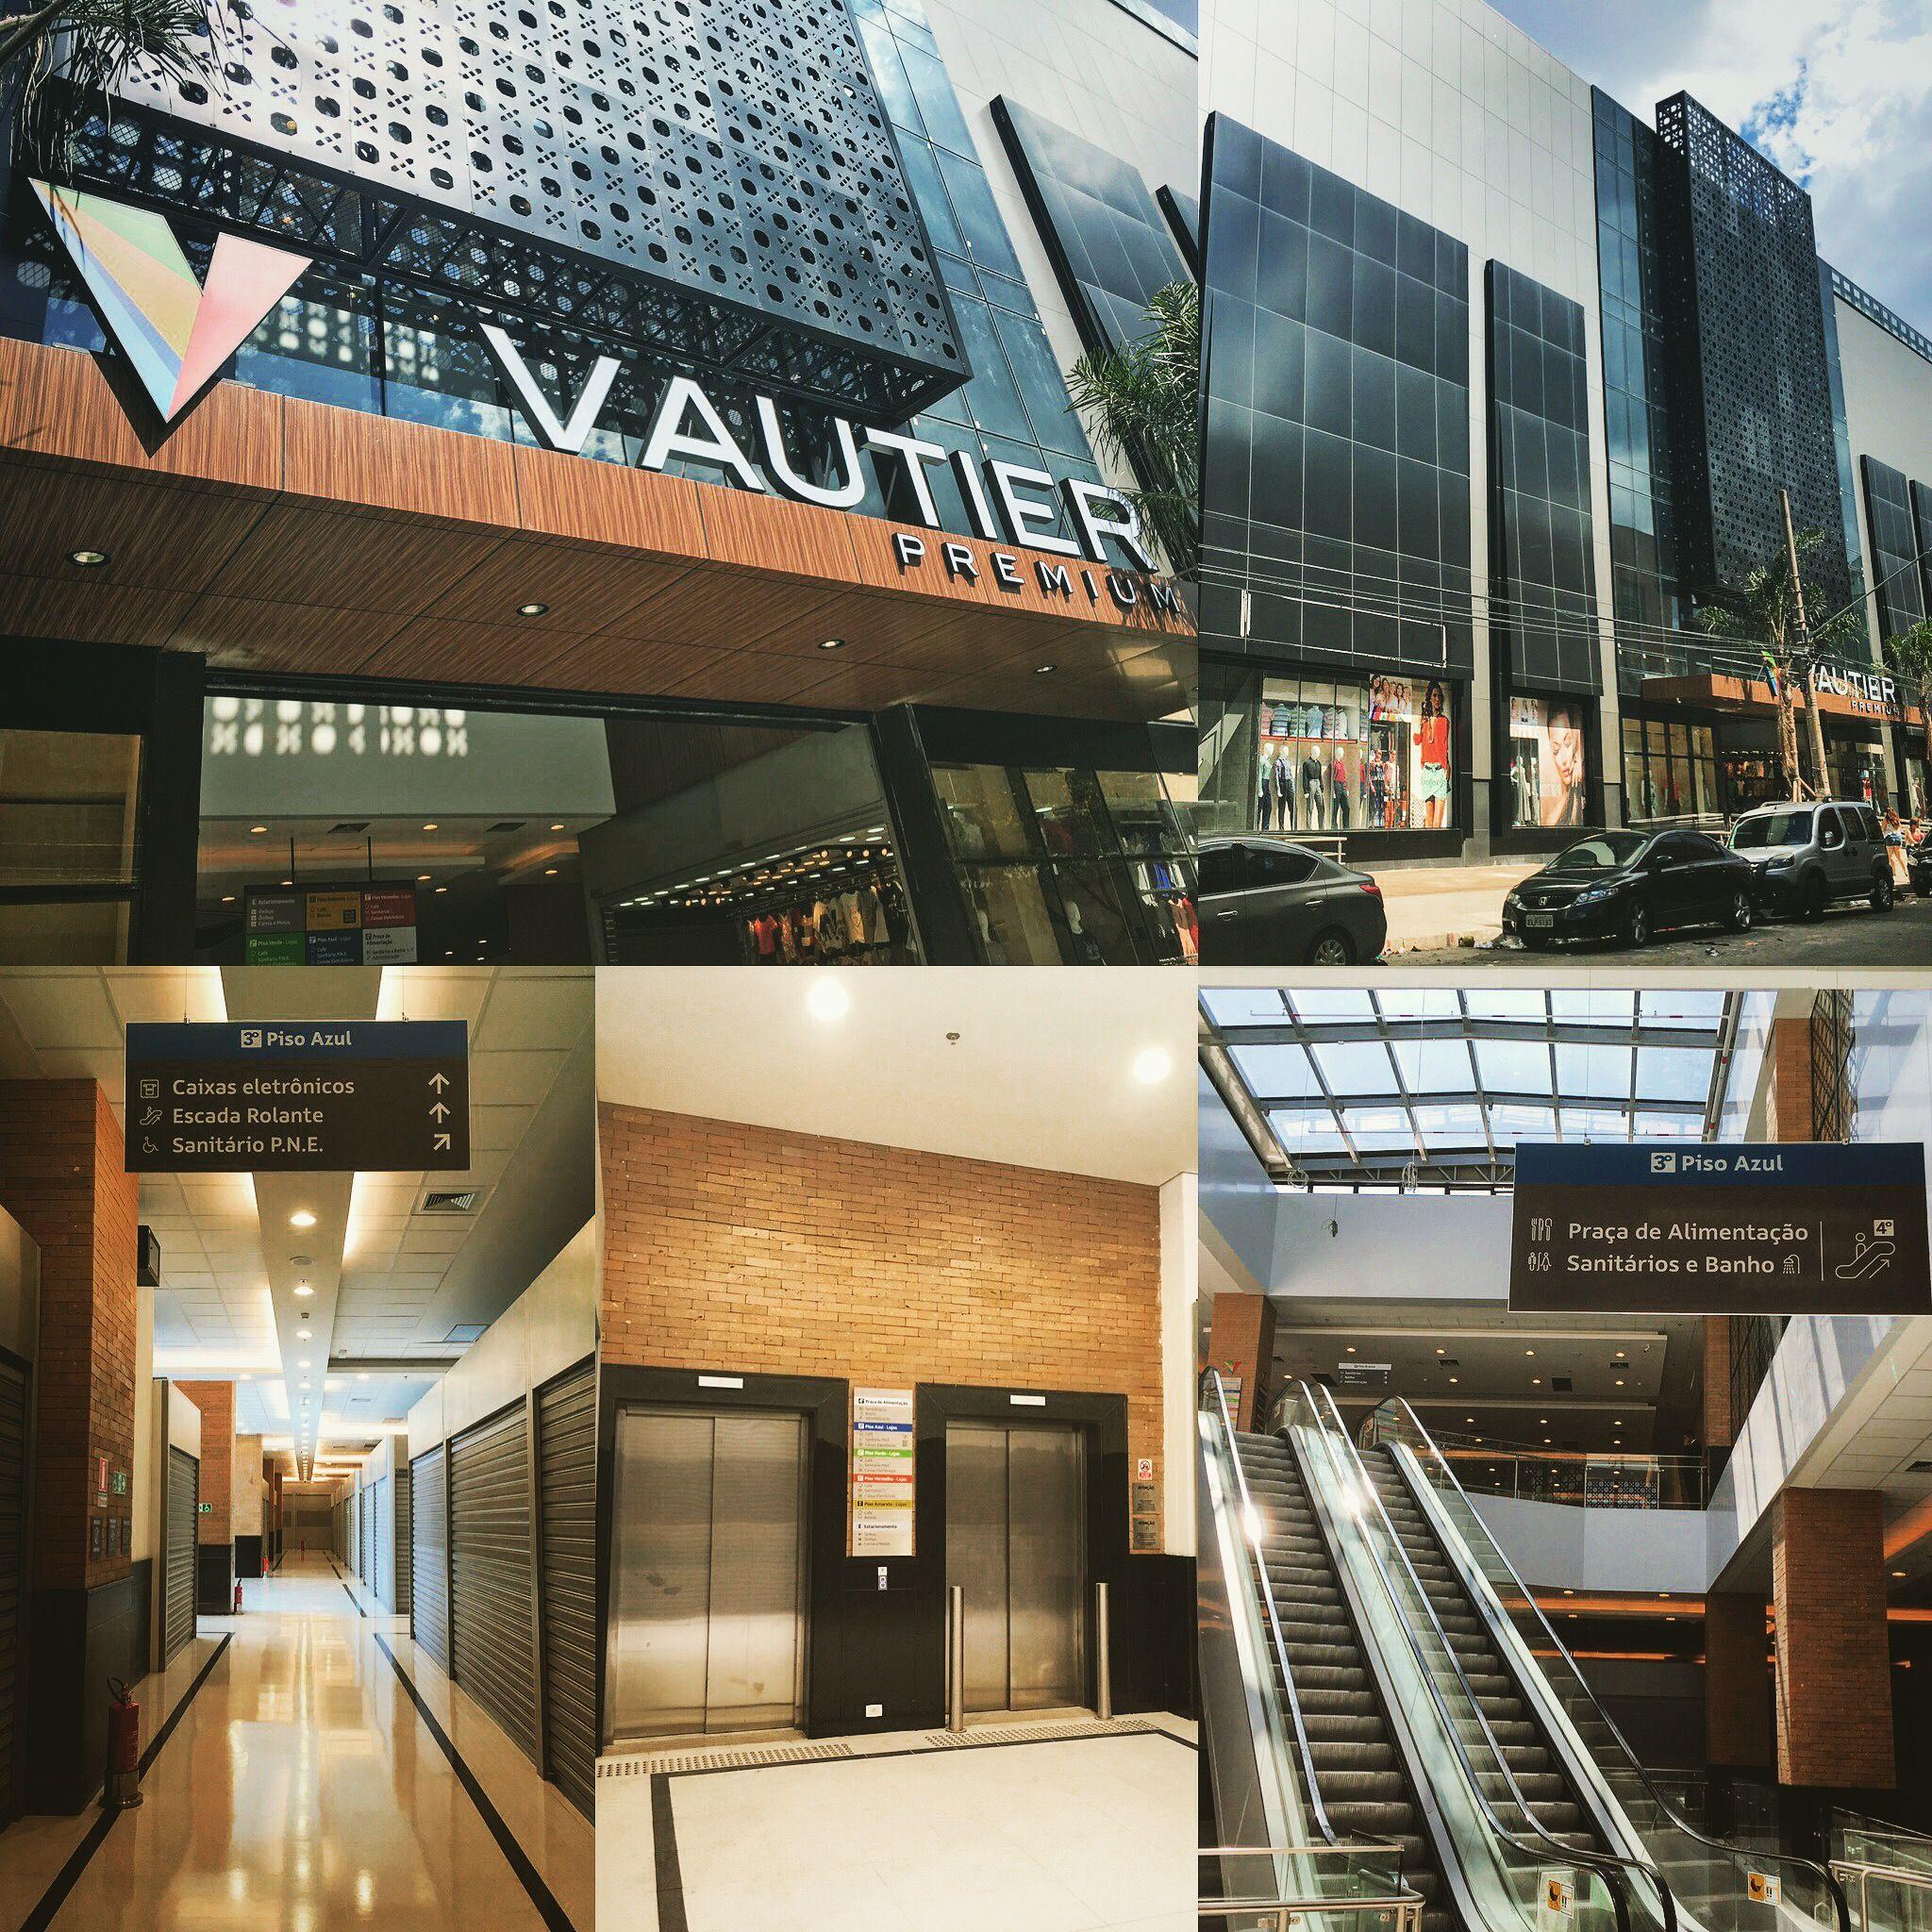 d97b7a4ce Shopping Vautier Premium - Gerenciamento Projetos e Obra Falasca ...